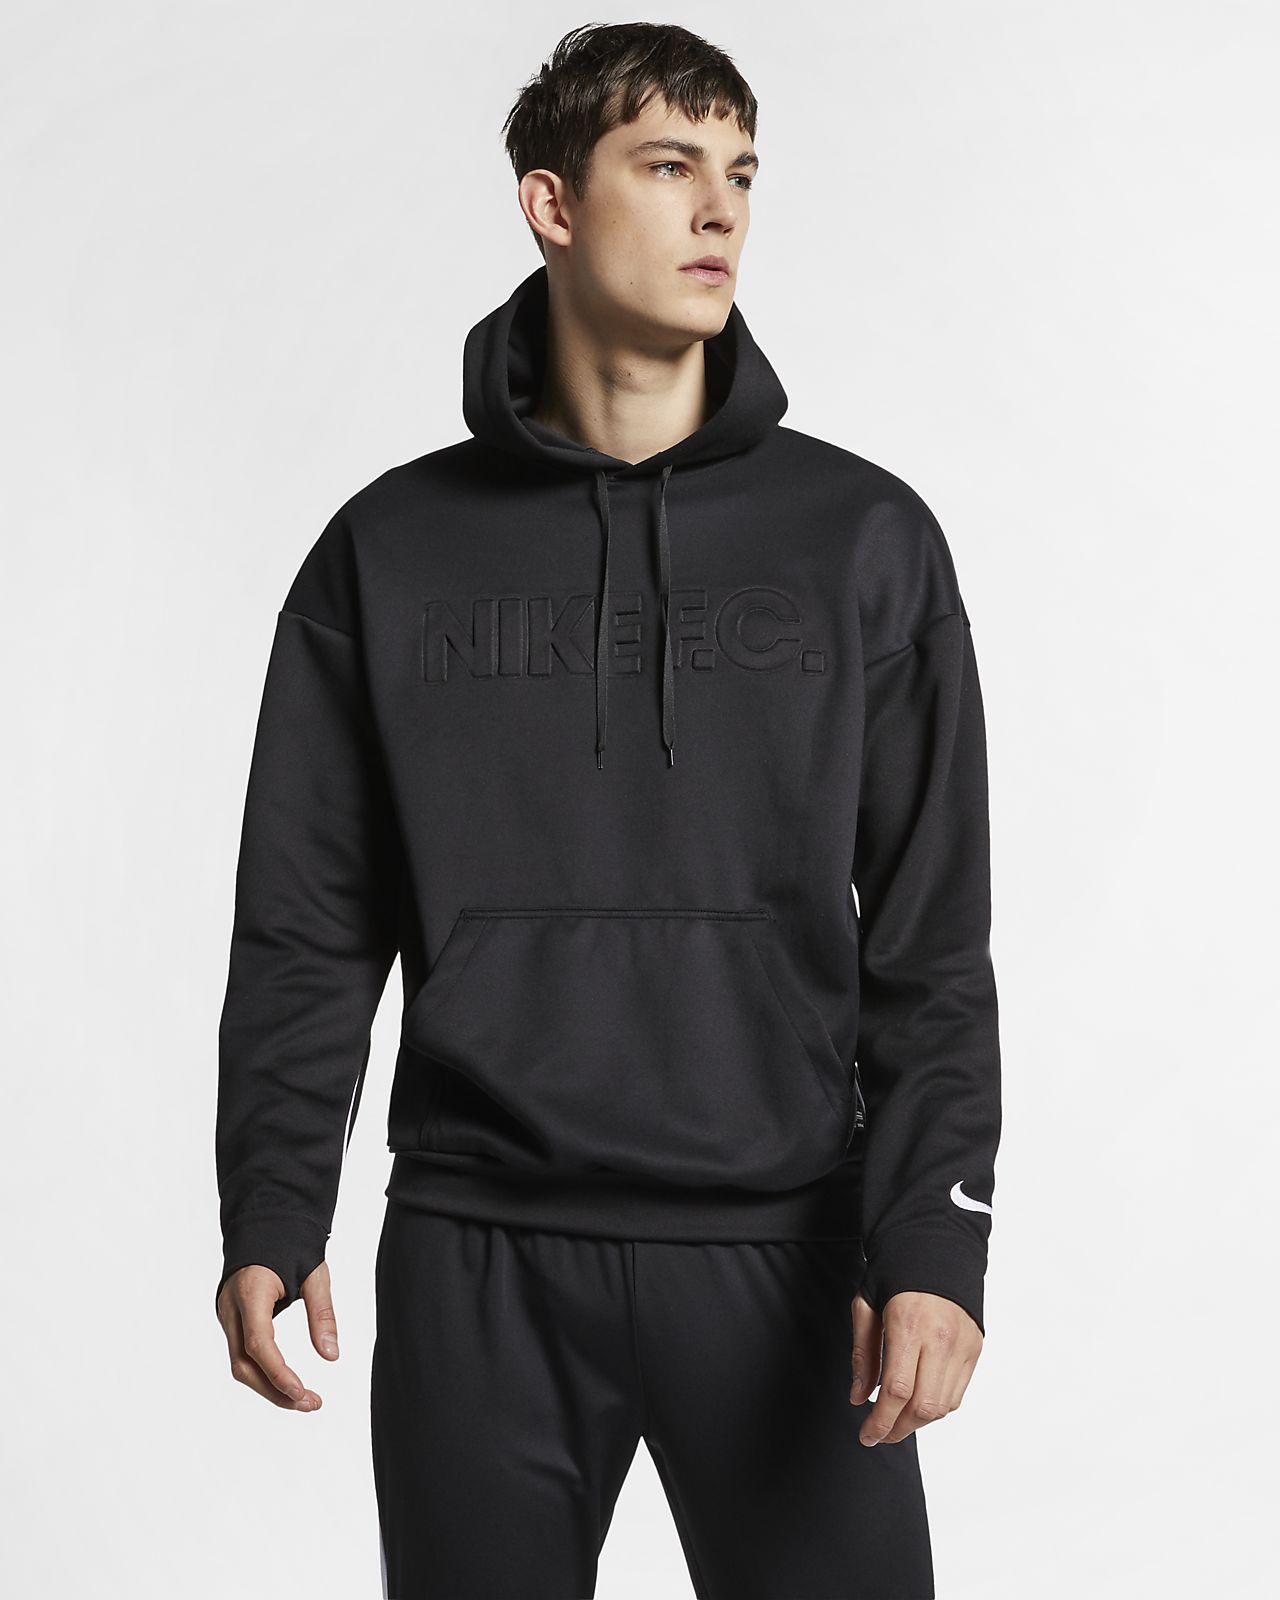 Nike F.C. fotballhettegenser